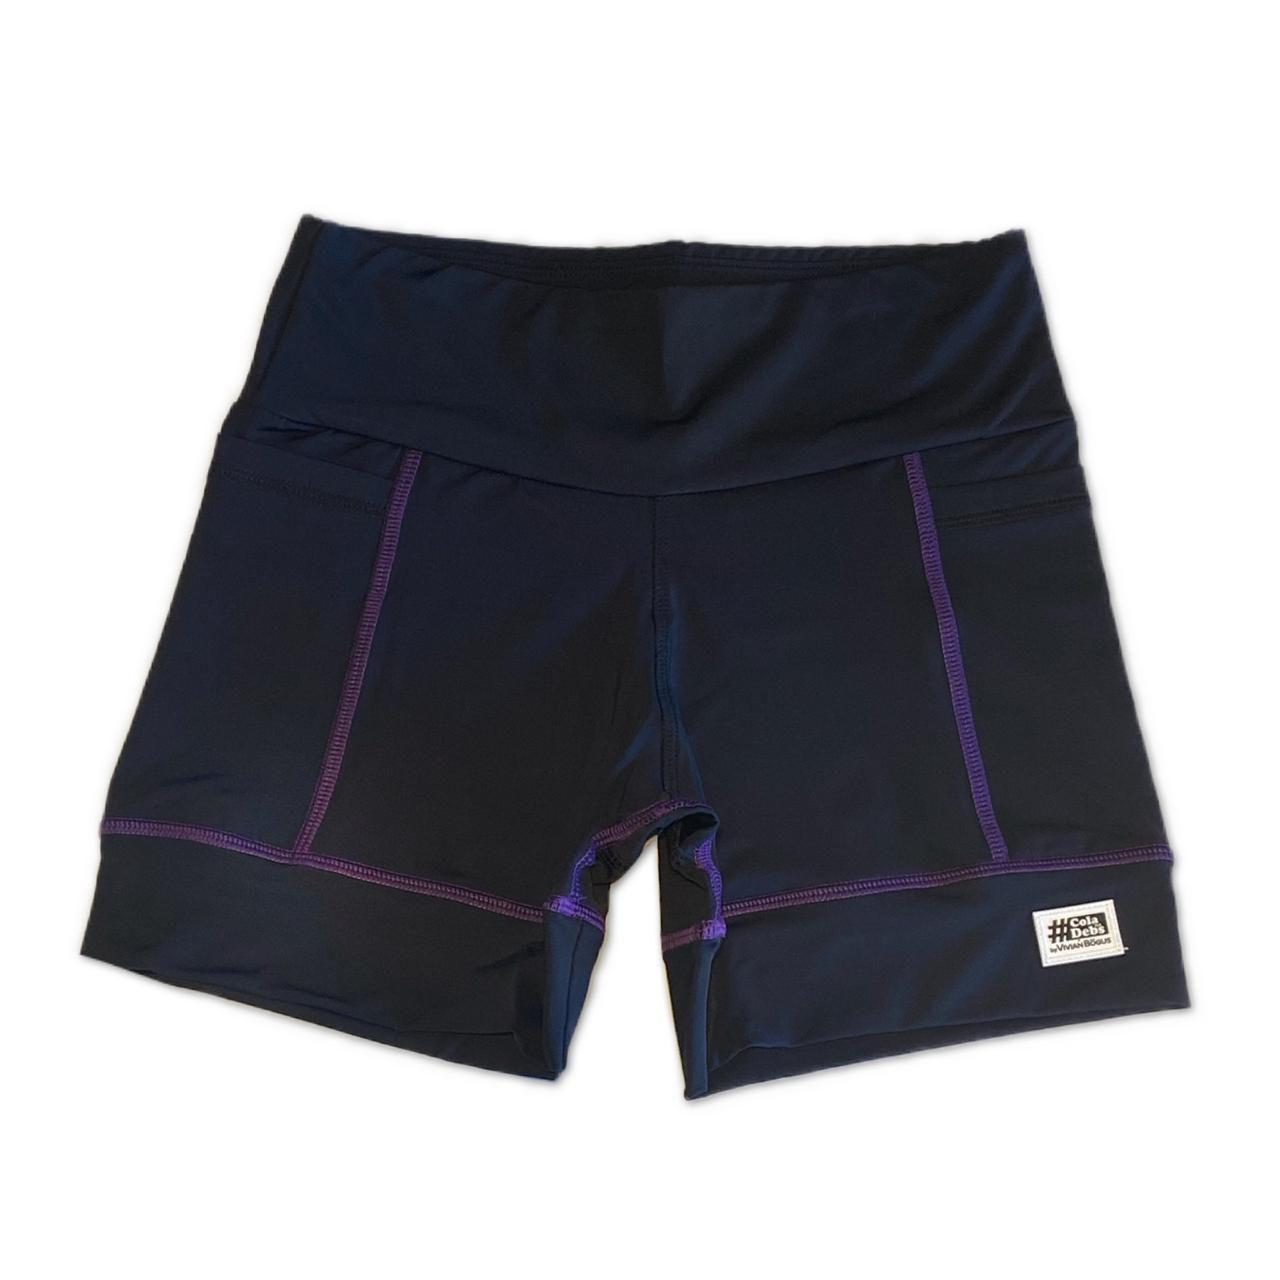 Shorts de compressão 2 bolsos Square em sportiva preto costura roxa  - Vivian Bógus